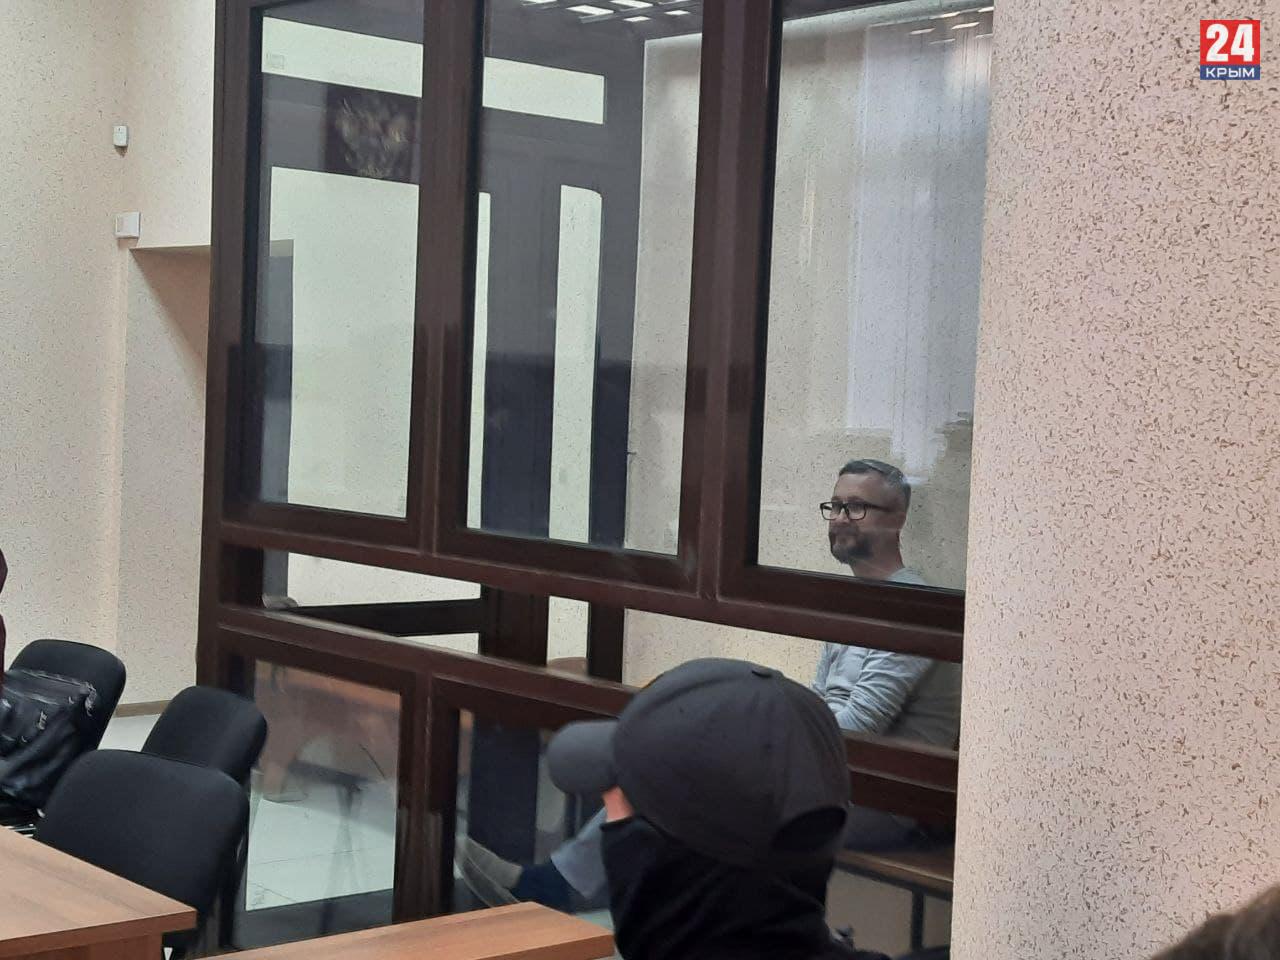 Суд заключил под стражу подозреваемых в повреждении газопровода